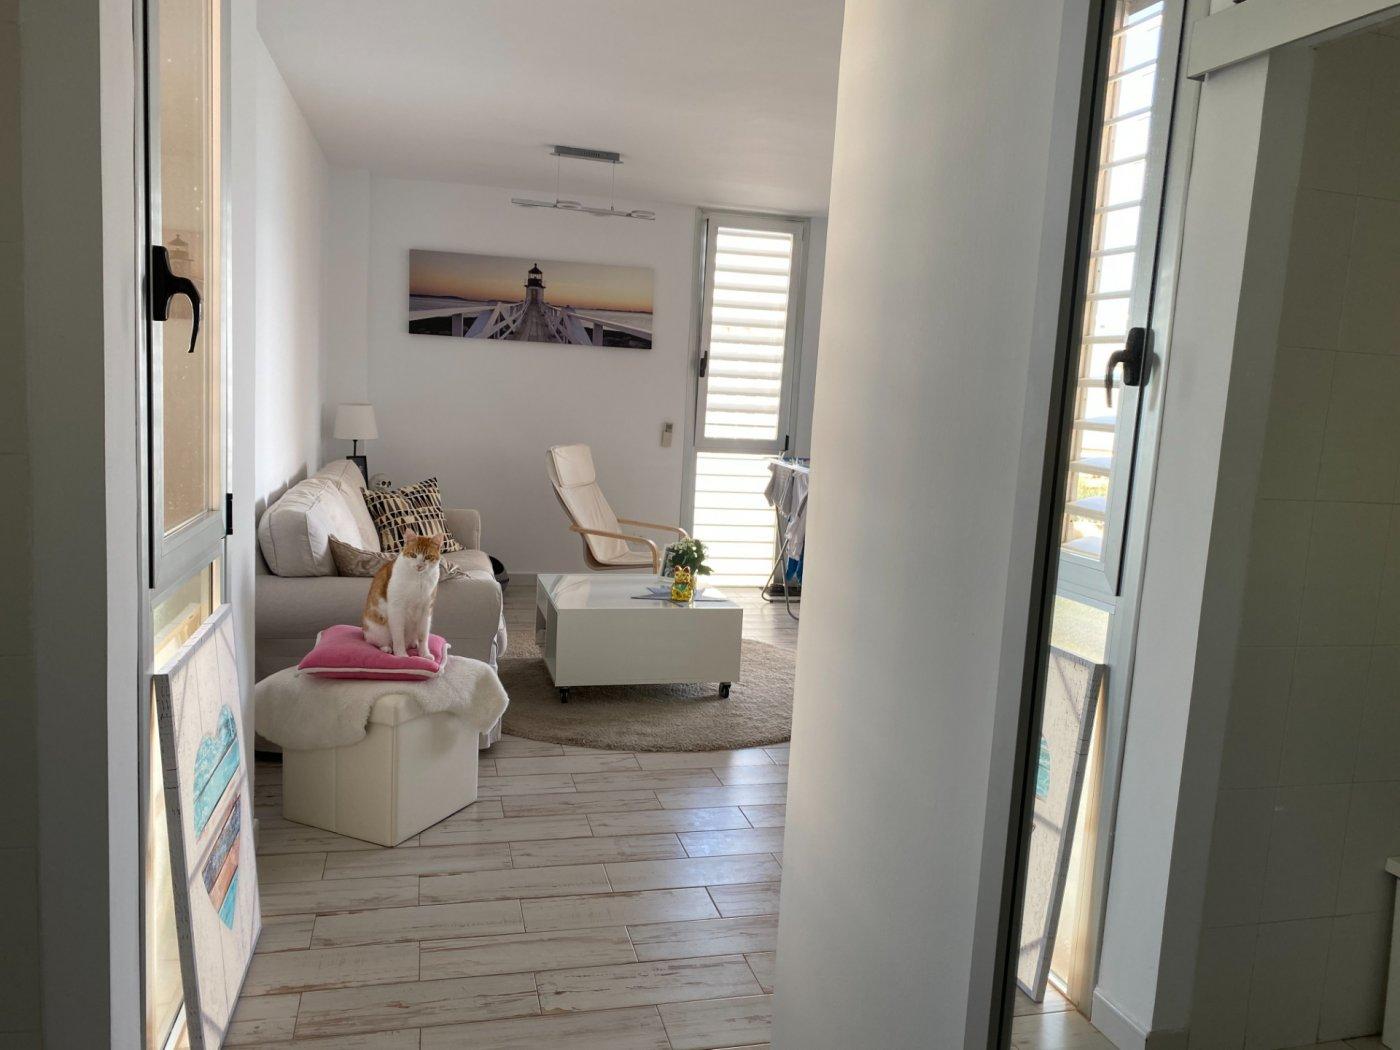 Alquiler con opcion de compra!espectacular apartamento con vistas al mar y parking propio - imagenInmueble33